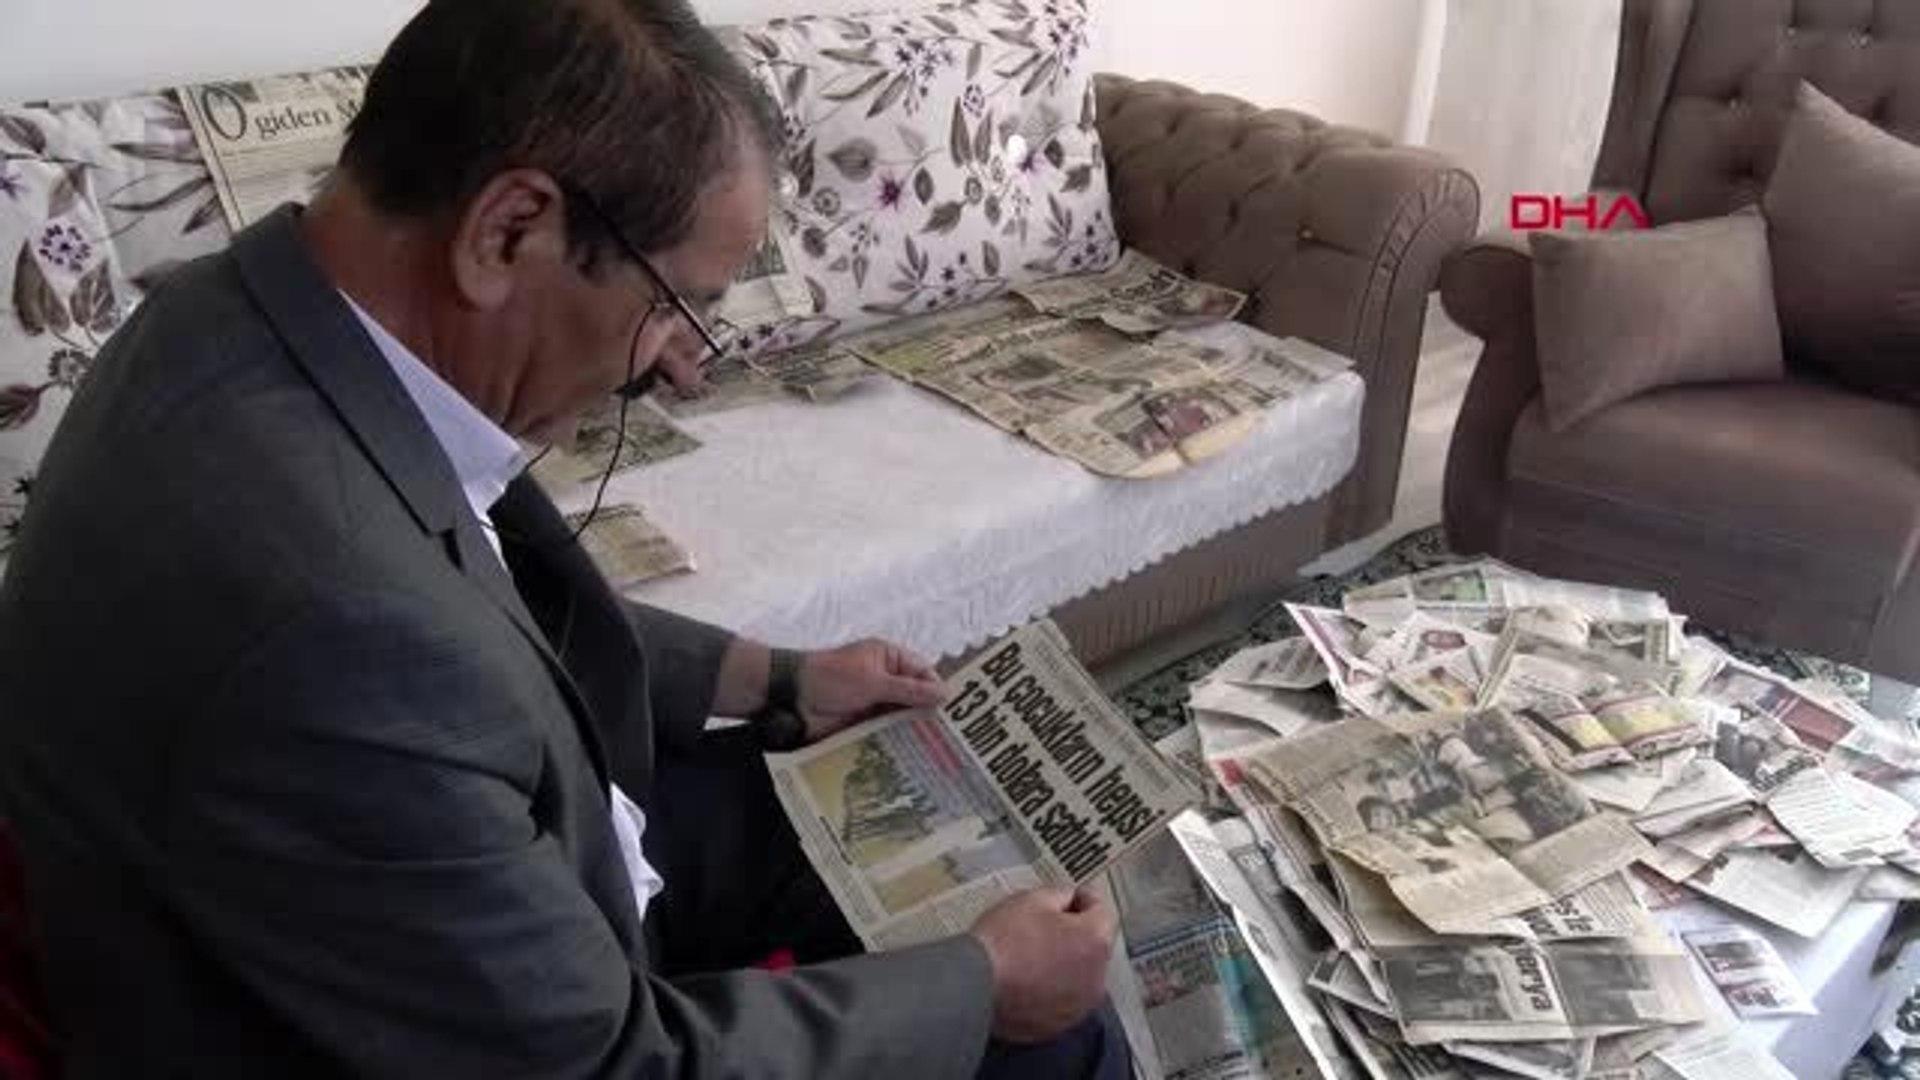 Diyarbakır 42 yıldır 'acı haber' kupürü biriktiriyor